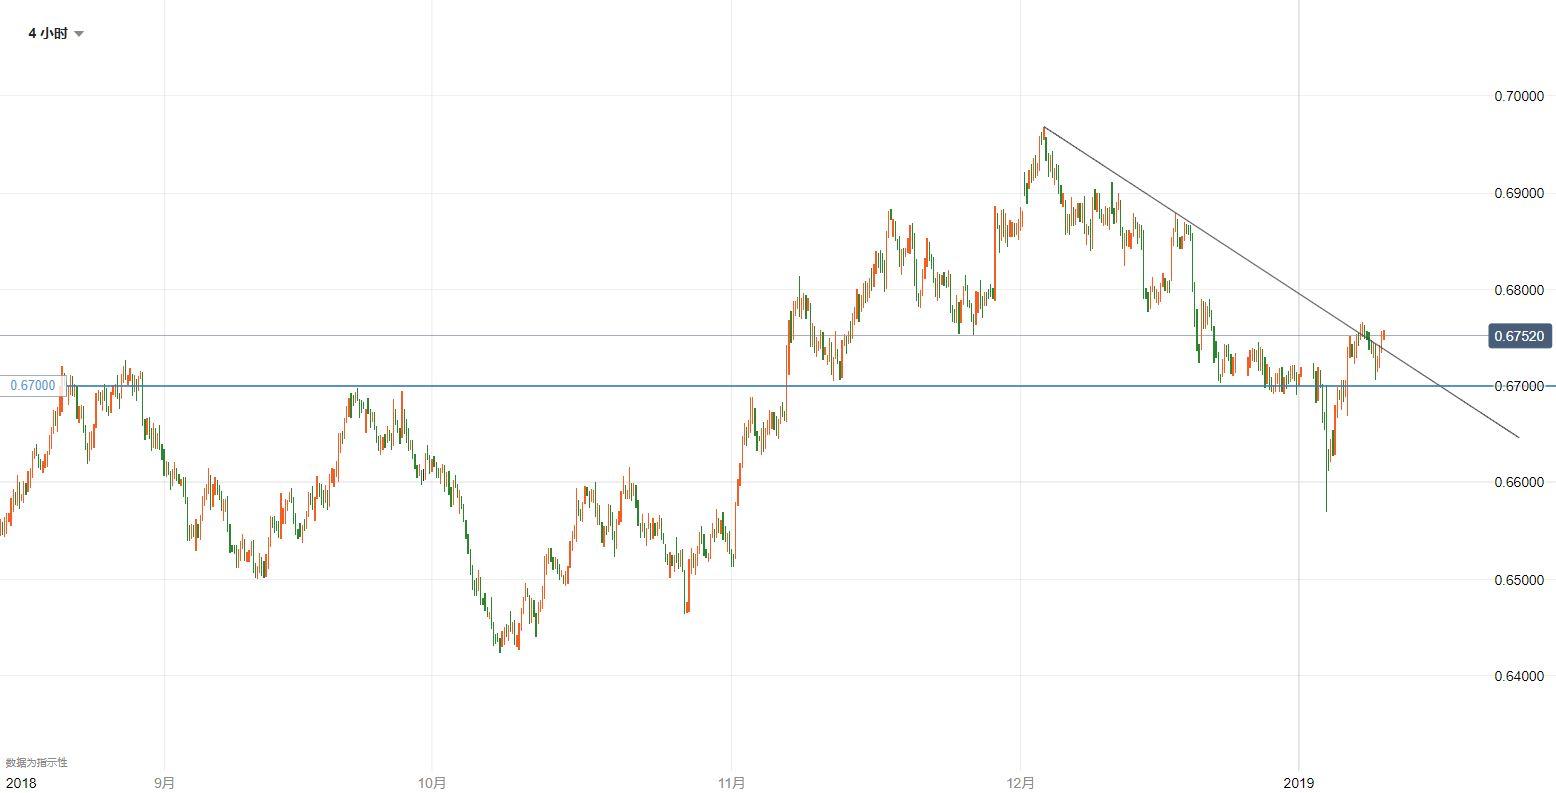 纽元/美元技术分析:可能有进一步上涨动力